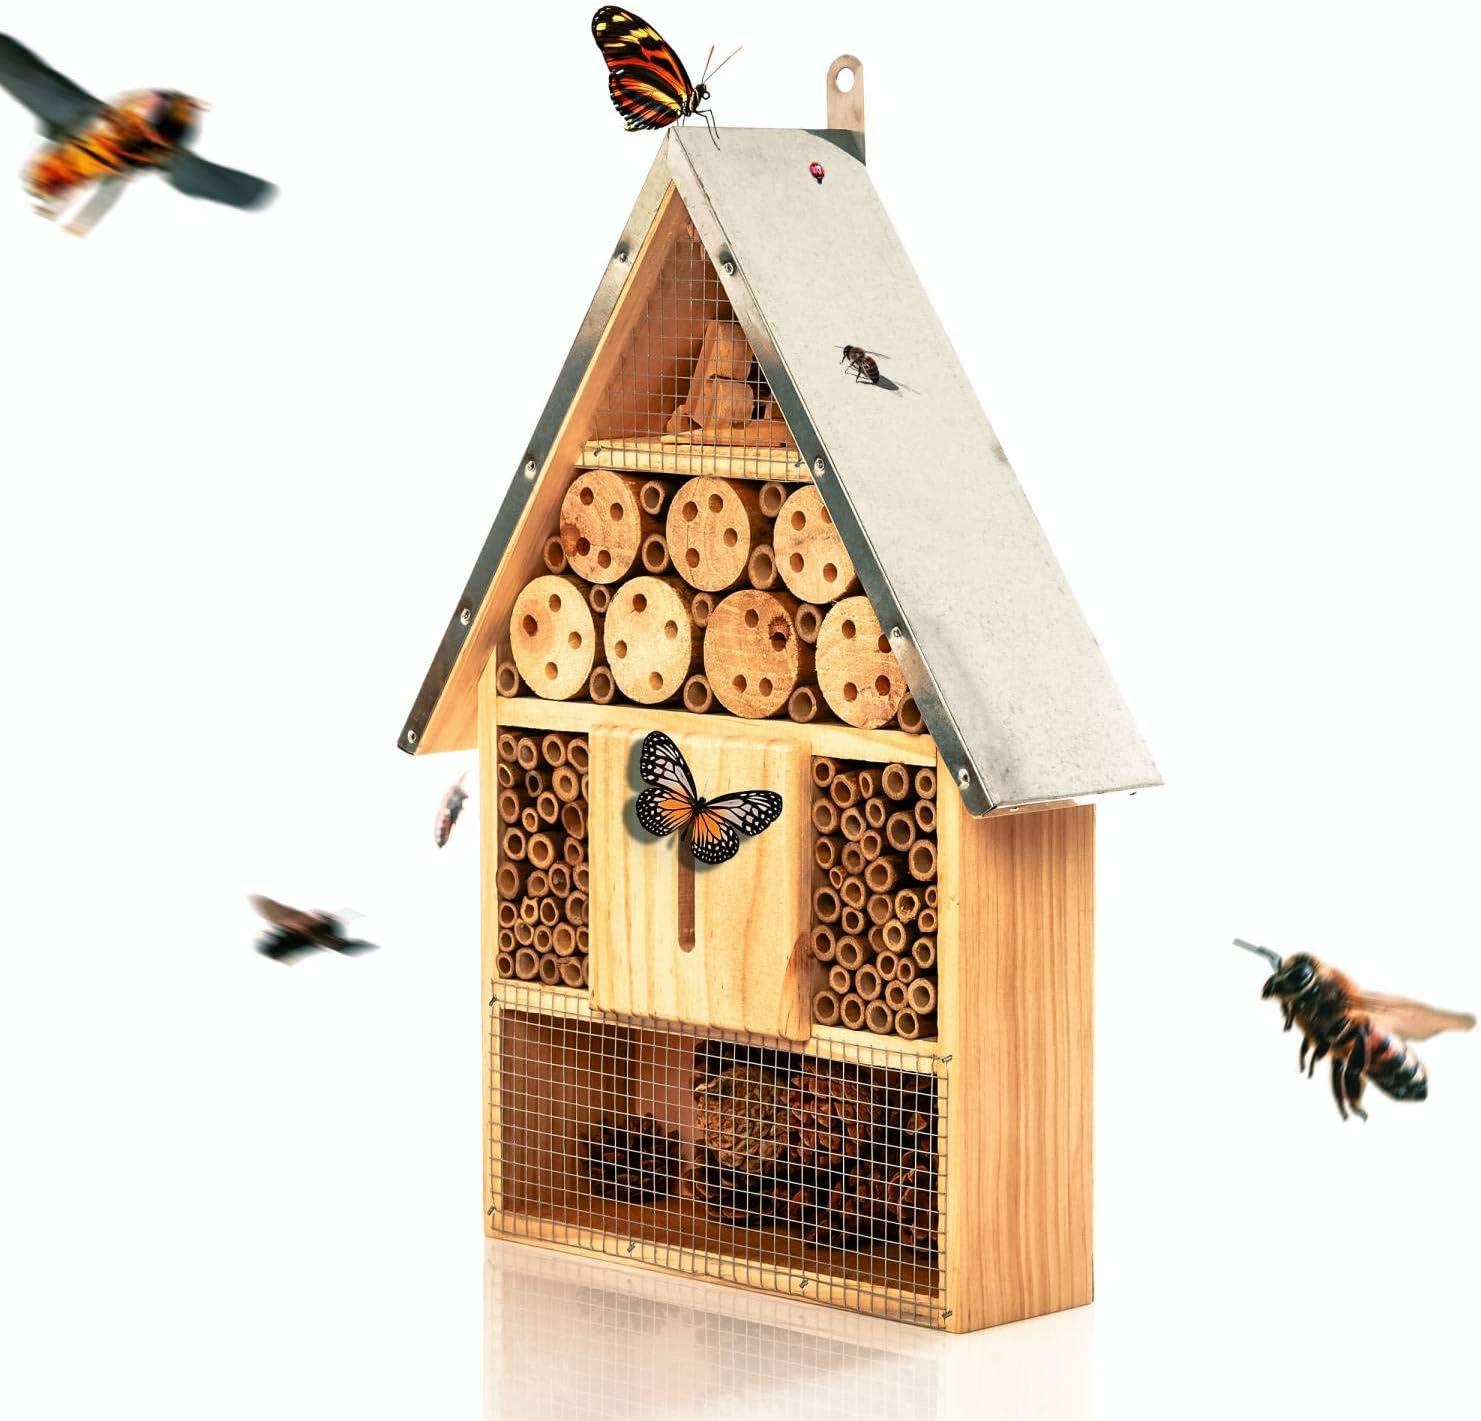 bambuswald© Hotel de Insectos 23 x 7 x 39,5 cm | Casa para Abejas Moscas escarabajos Mariposas - con Techo de Metal| Refugio y Lugar de anidación -Protección de Especies en el jardín